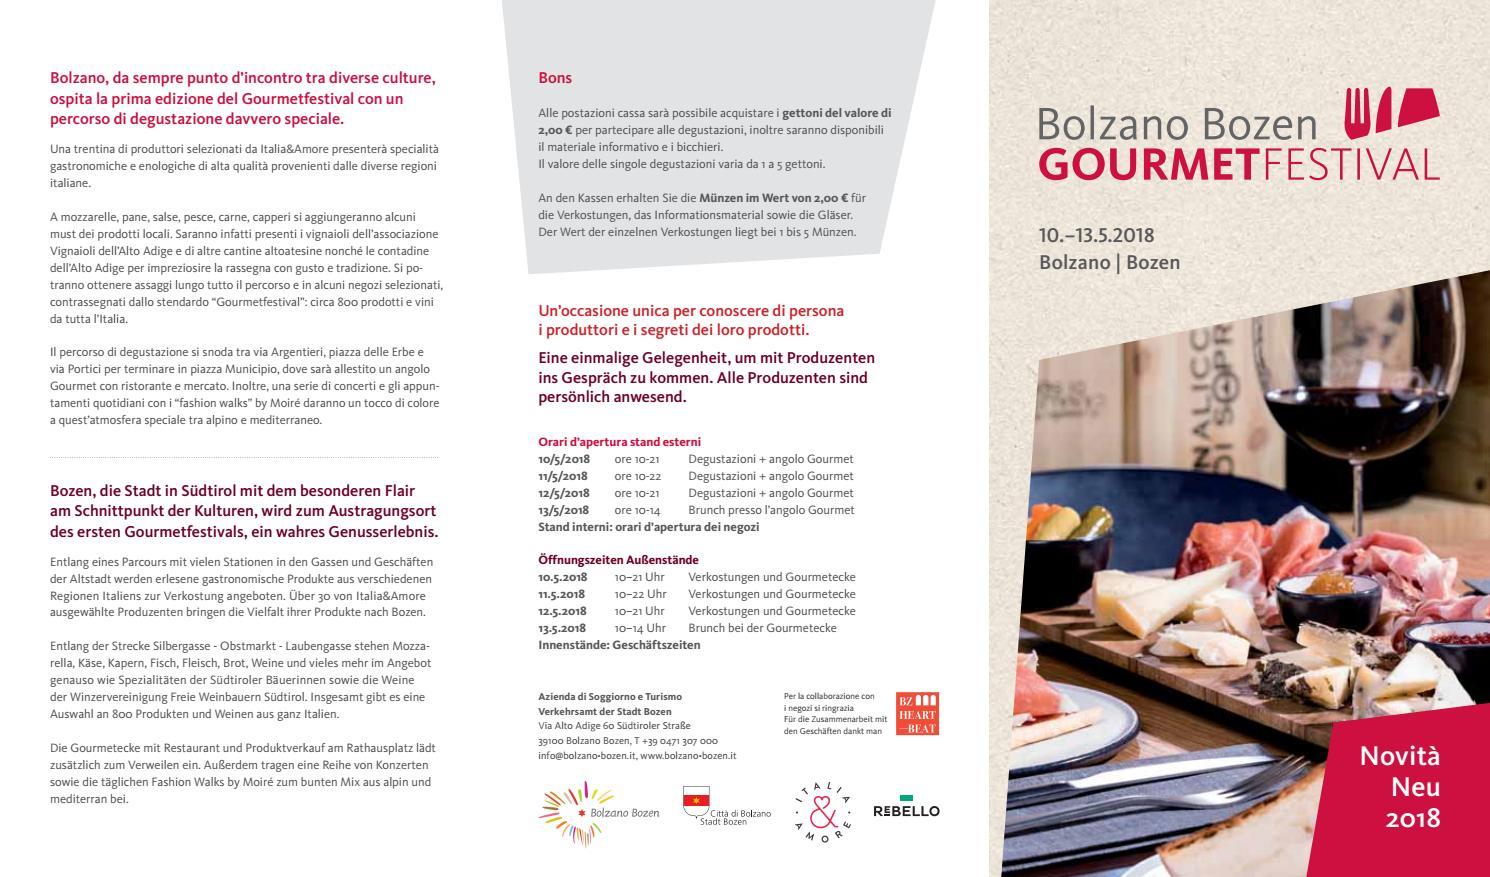 Gourmetfestival 2018 by Bolzano Bozen - issuu